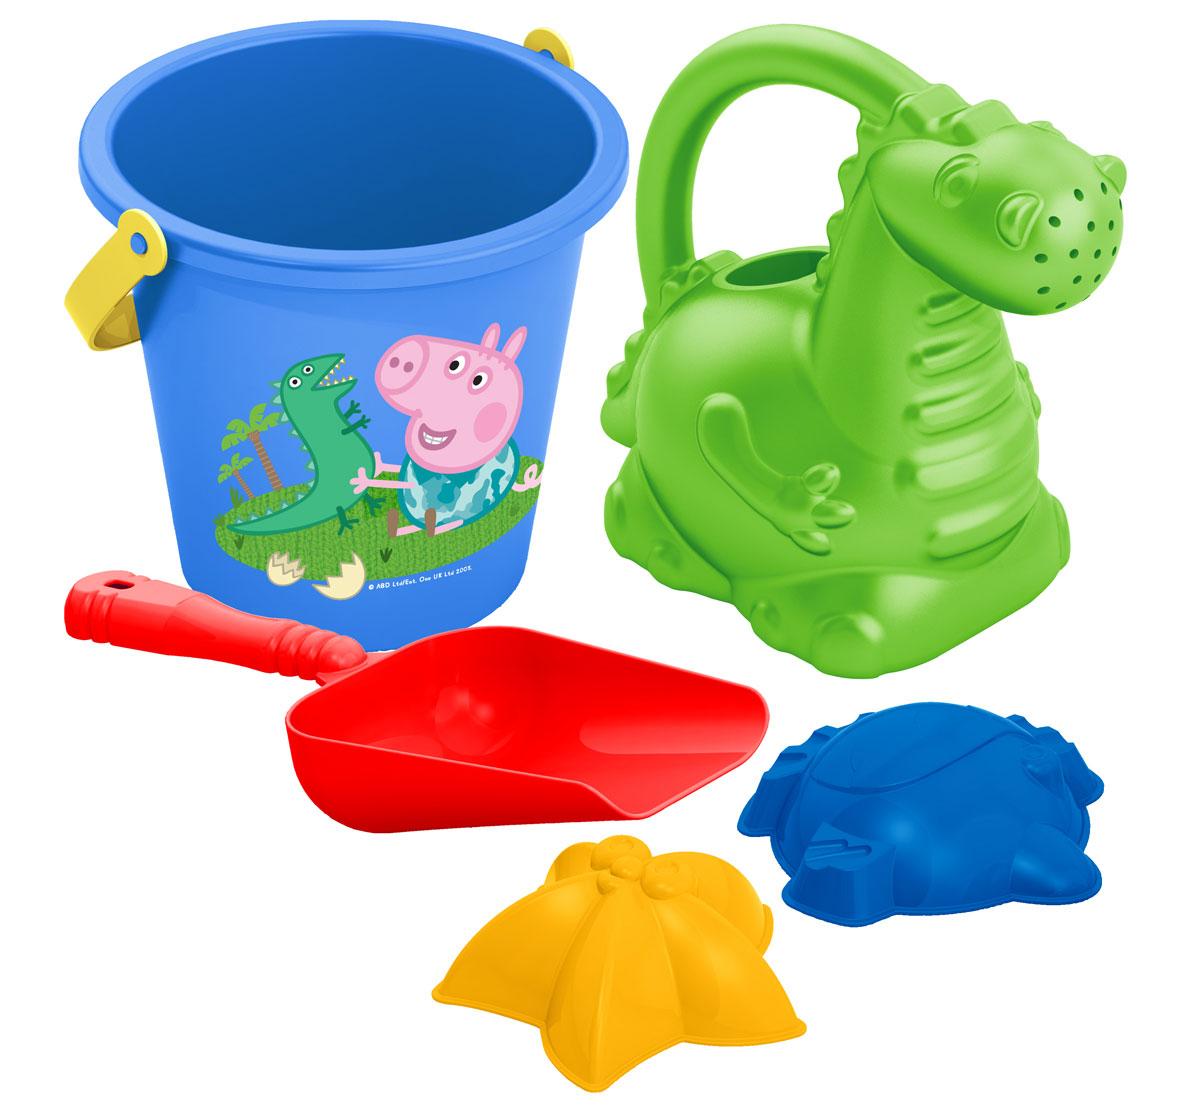 Peppa Pig Песочный набор №3 Свинка Пеппа30695Отправляясь на прогулку или на пляж со своим малышом, не забудьте взять с собой песочный набор Peppa Pig. Он поможет крохе создать из песка множество рыбок и морских звезд, построить песочные замки. Играть с любимыми персонажами мультфильма и удивительной леечкой в виде динозаврика так увлекательно! Игра с этим набором способствует развитию мелкой моторики, общей координации движений и, конечно же, воображения! В набор входят 5 предметов: ведерко, лейка в виде динозавра, совок, 2 формочки (морская звезда, рыбка). Игрушки выполнены из высококачественного безопасного пластика.